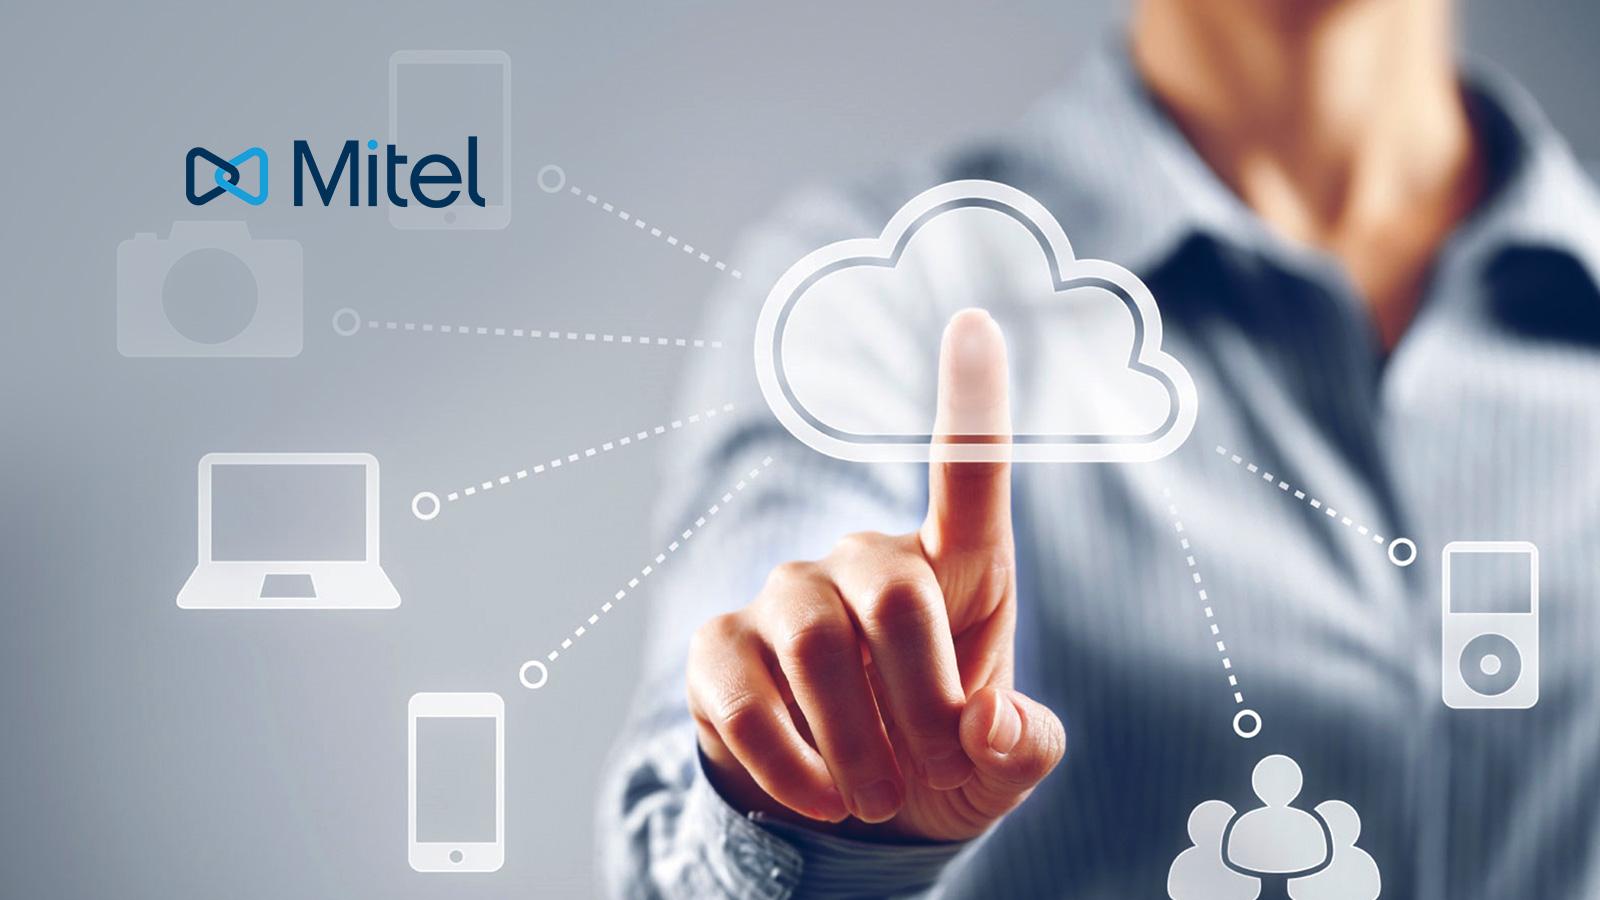 Mitel cloud